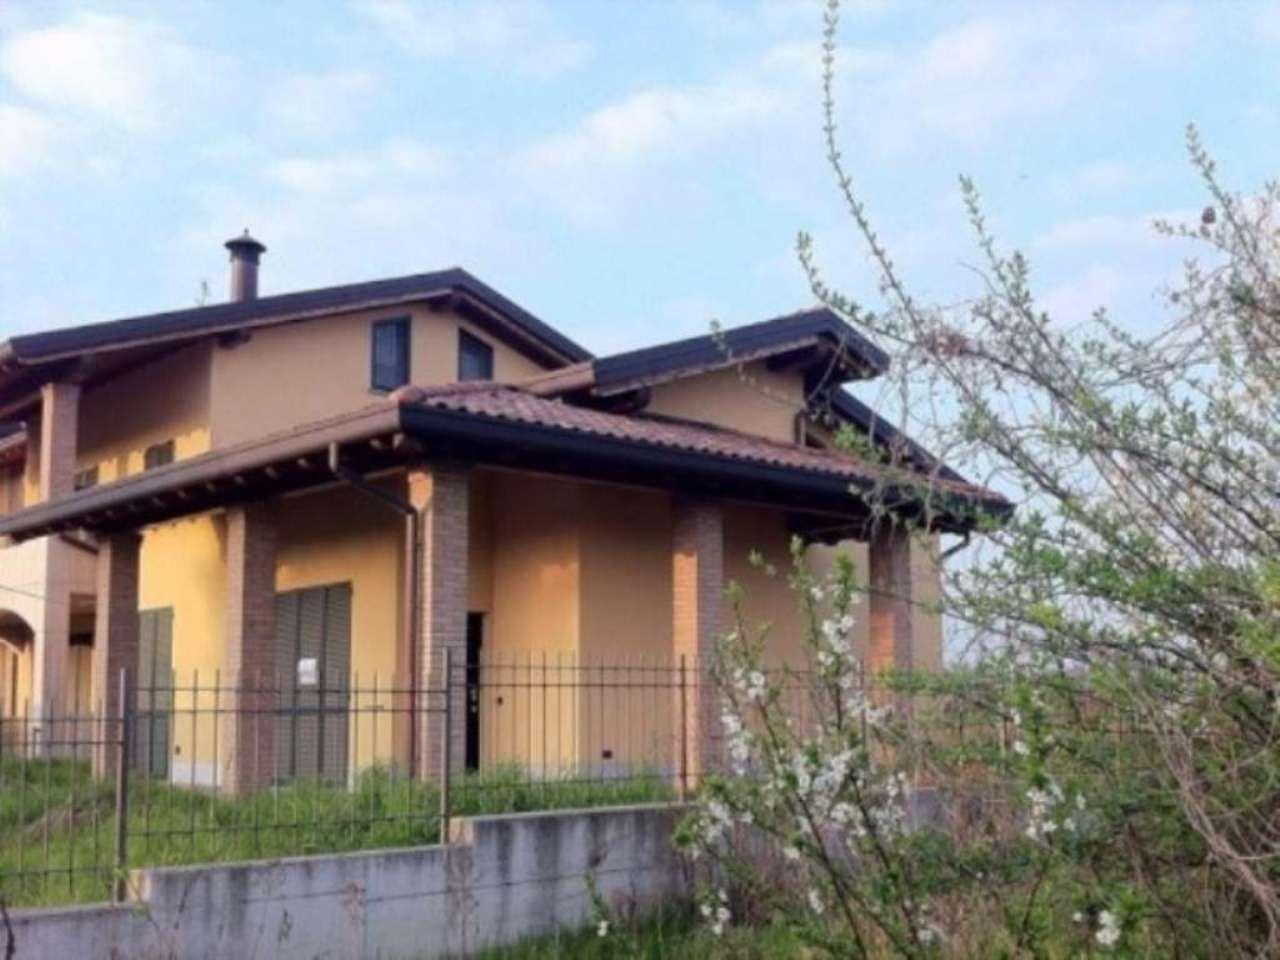 Villa in vendita a Fara Gera d'Adda, 5 locali, prezzo € 335.000 | CambioCasa.it